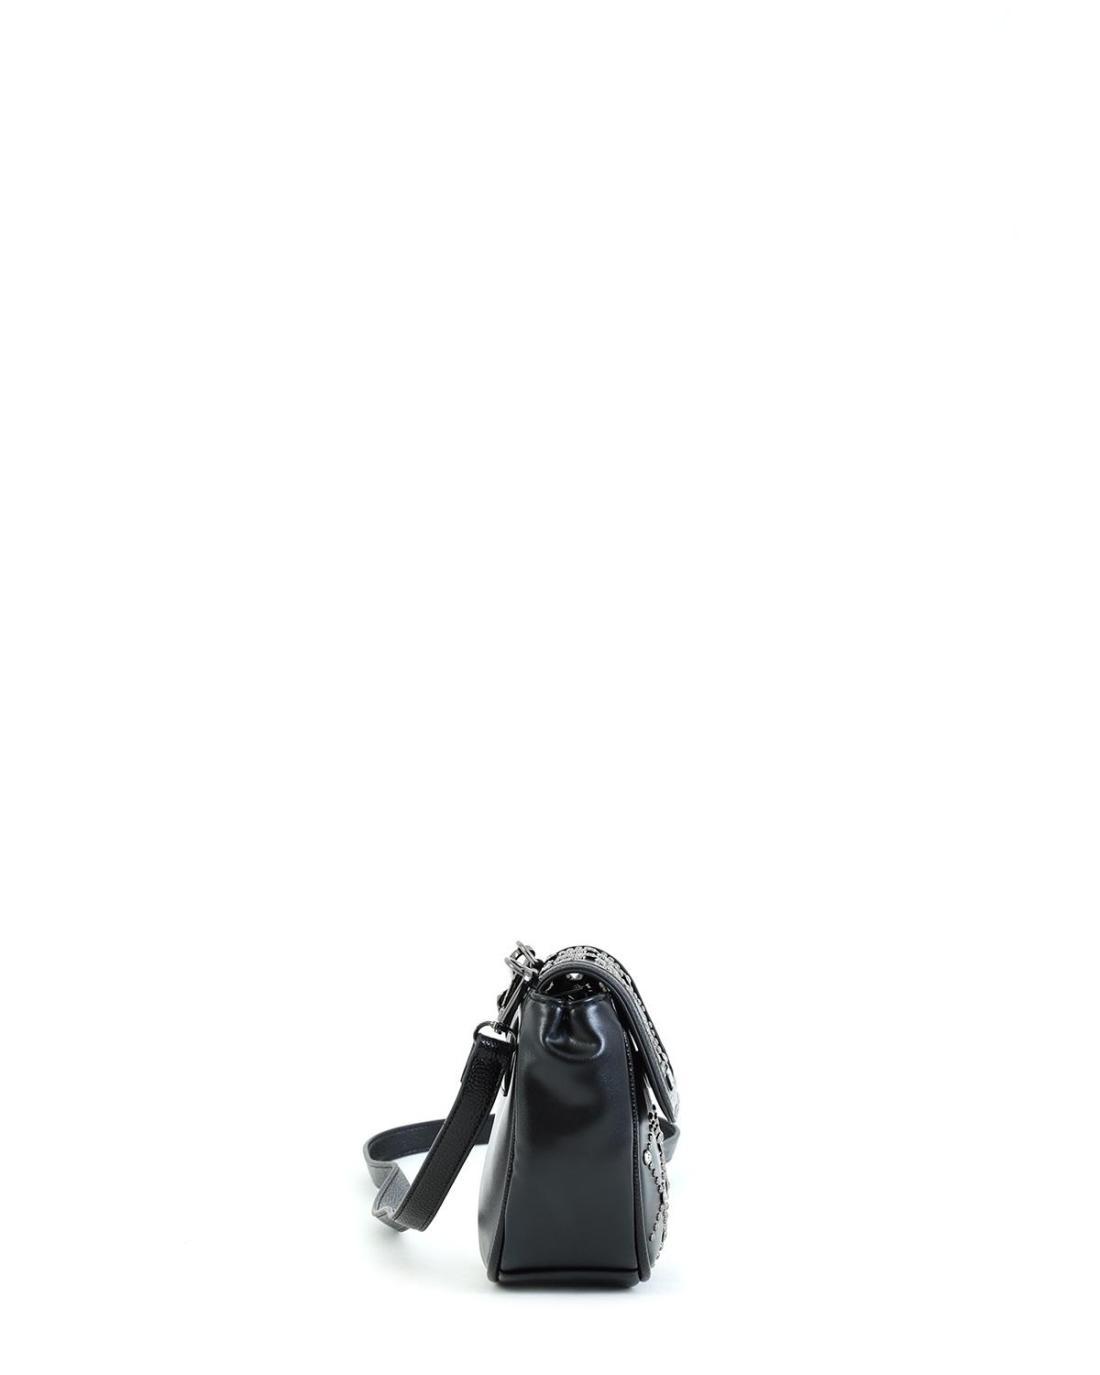 Umhängetasche schwarz